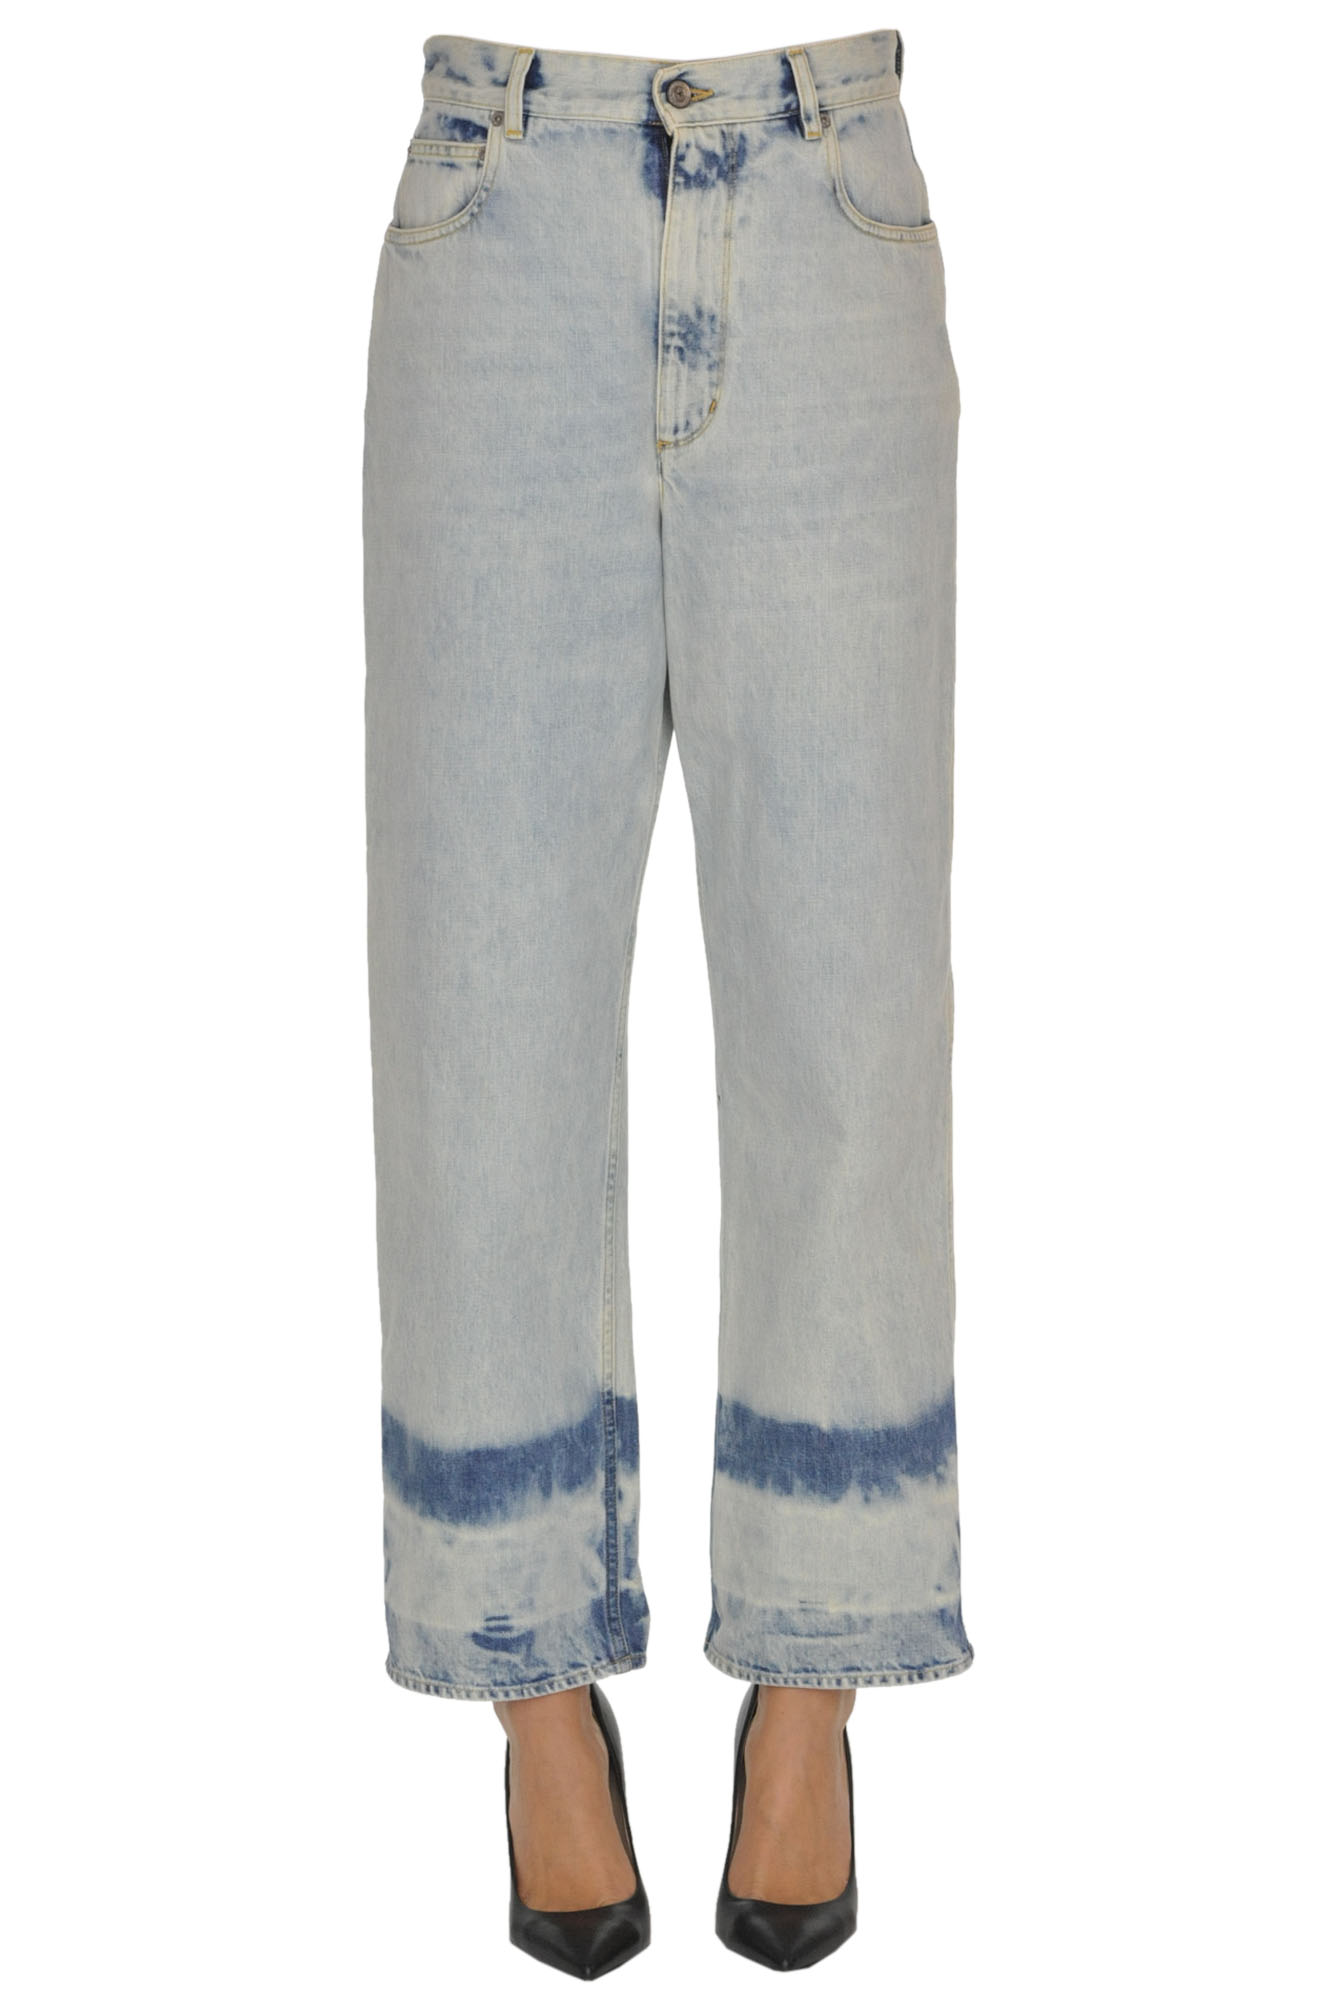 Golden Goose 'kim' Jeans In Light Denim